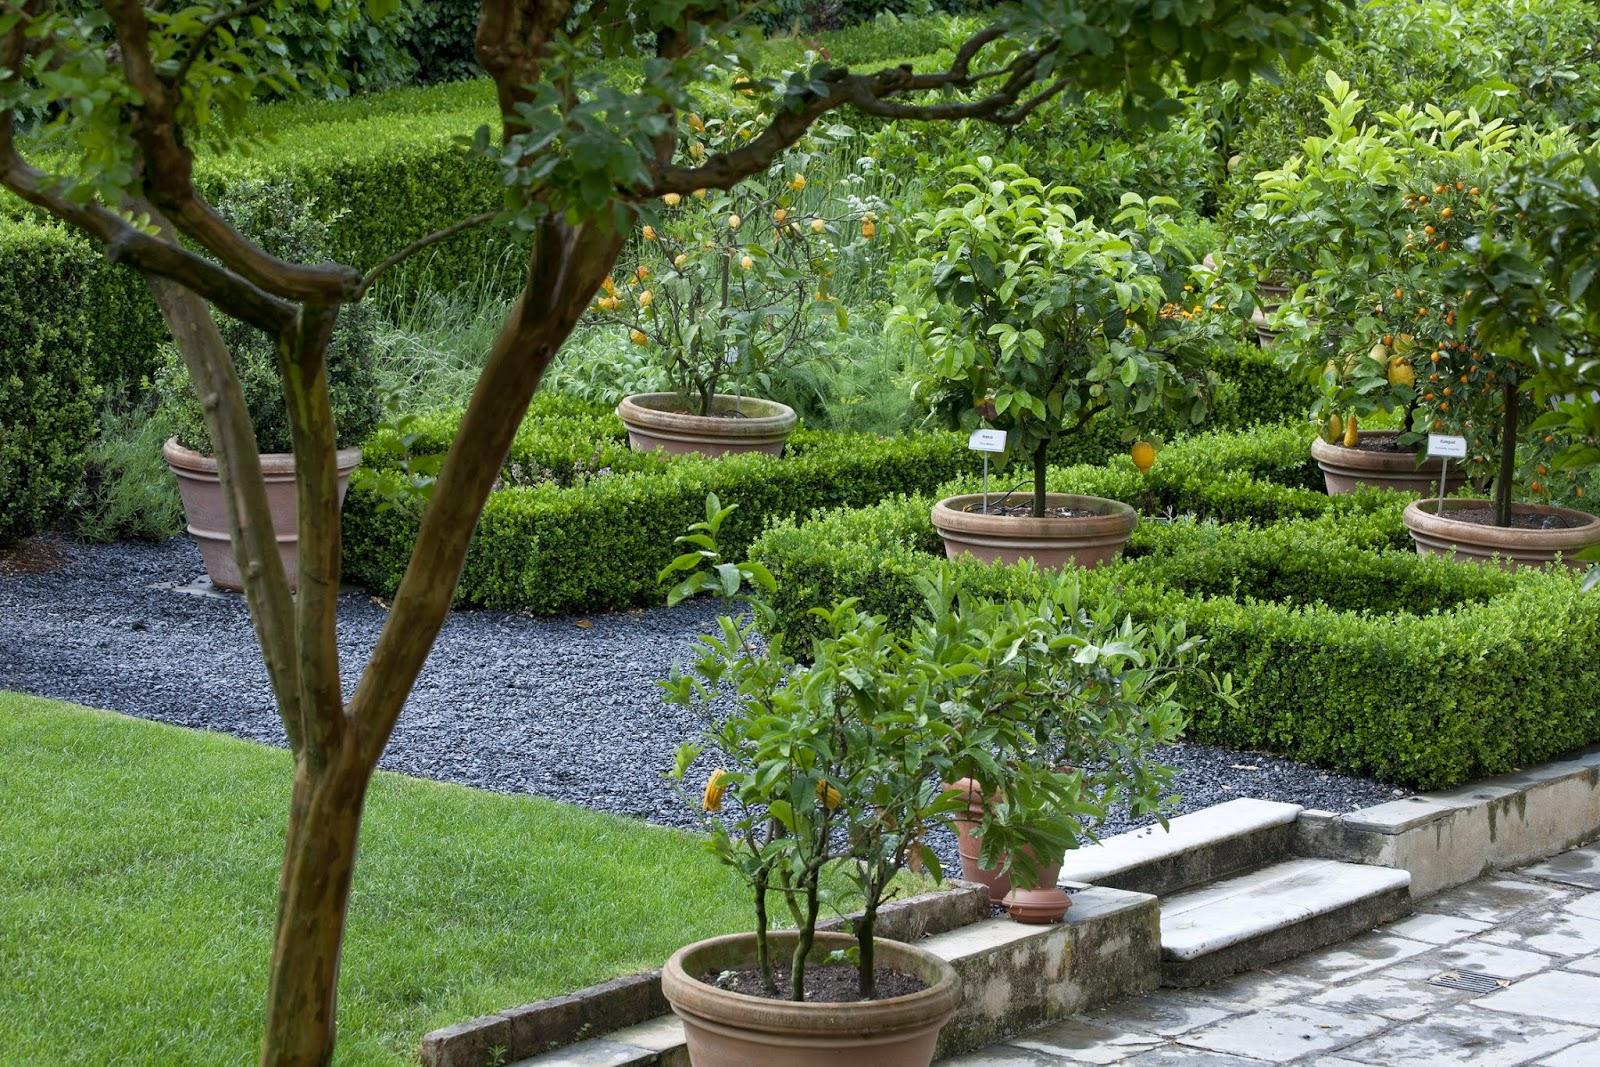 Passeggiare tra parchi giardini e castelli abbazia della for M innamorai giardino dei semplici accordi